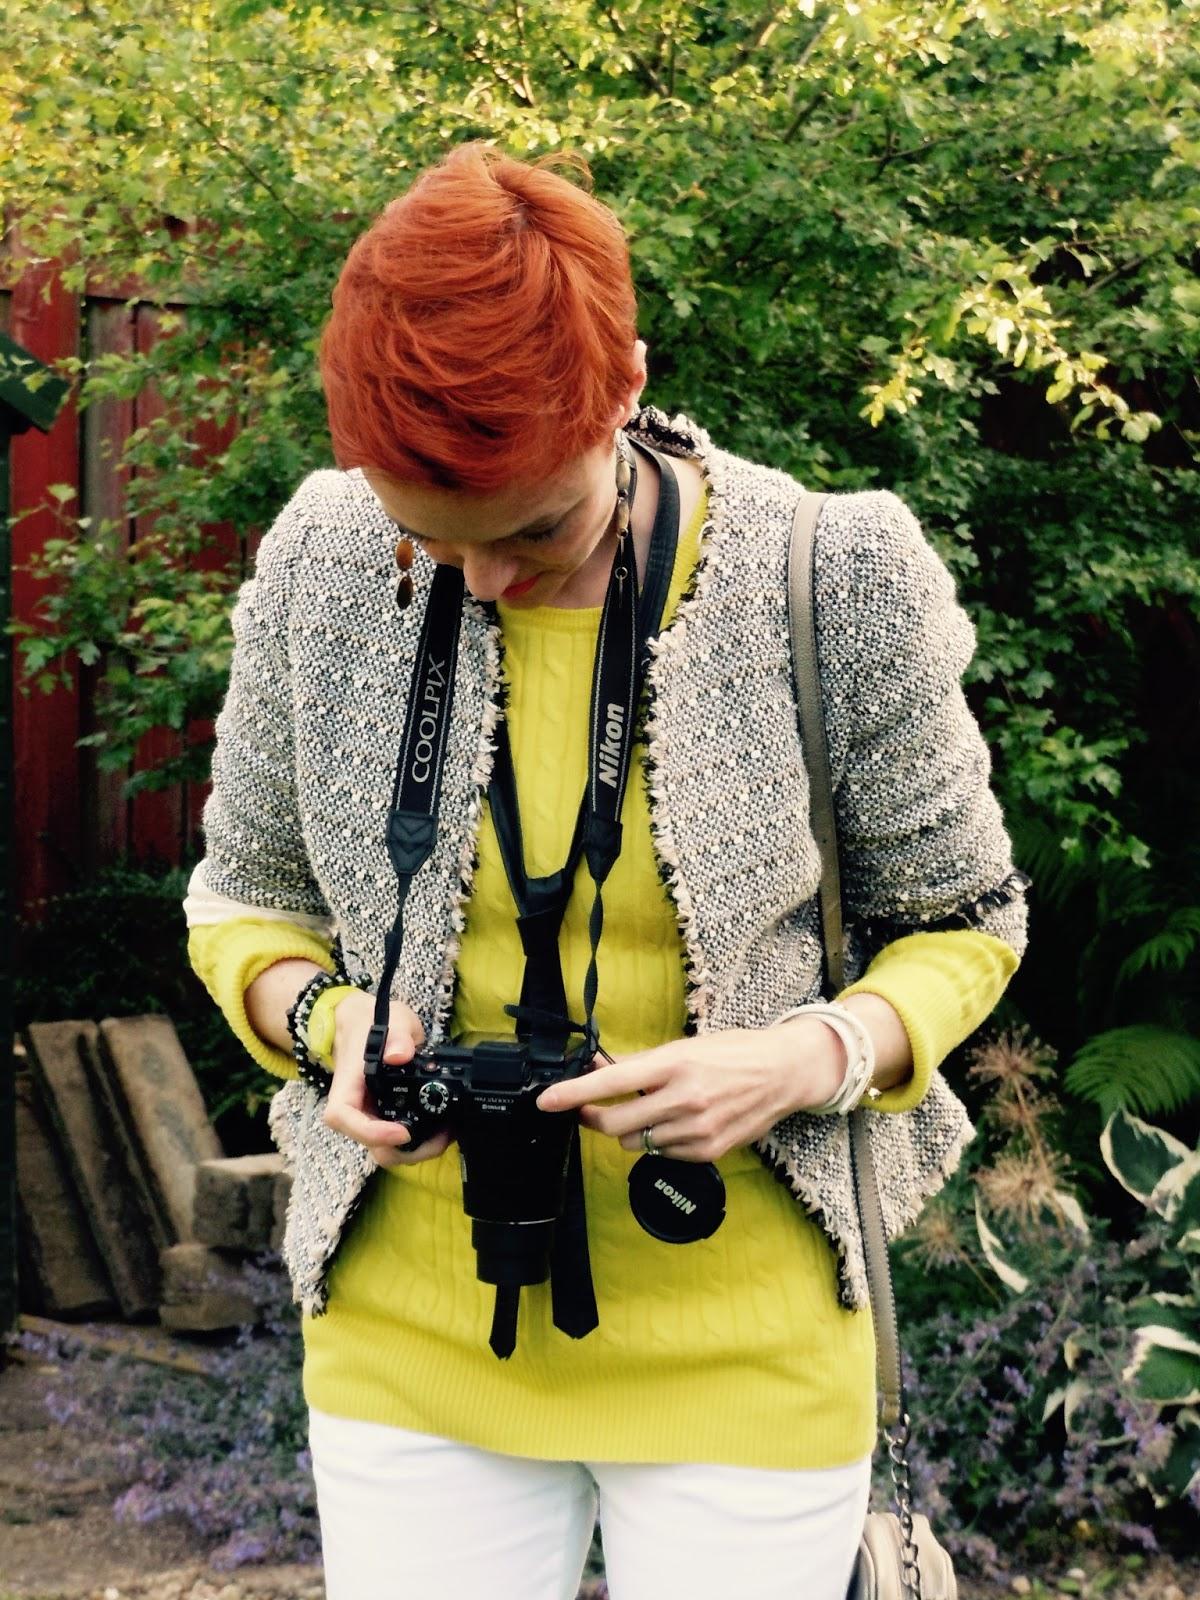 Nikon camera in action.